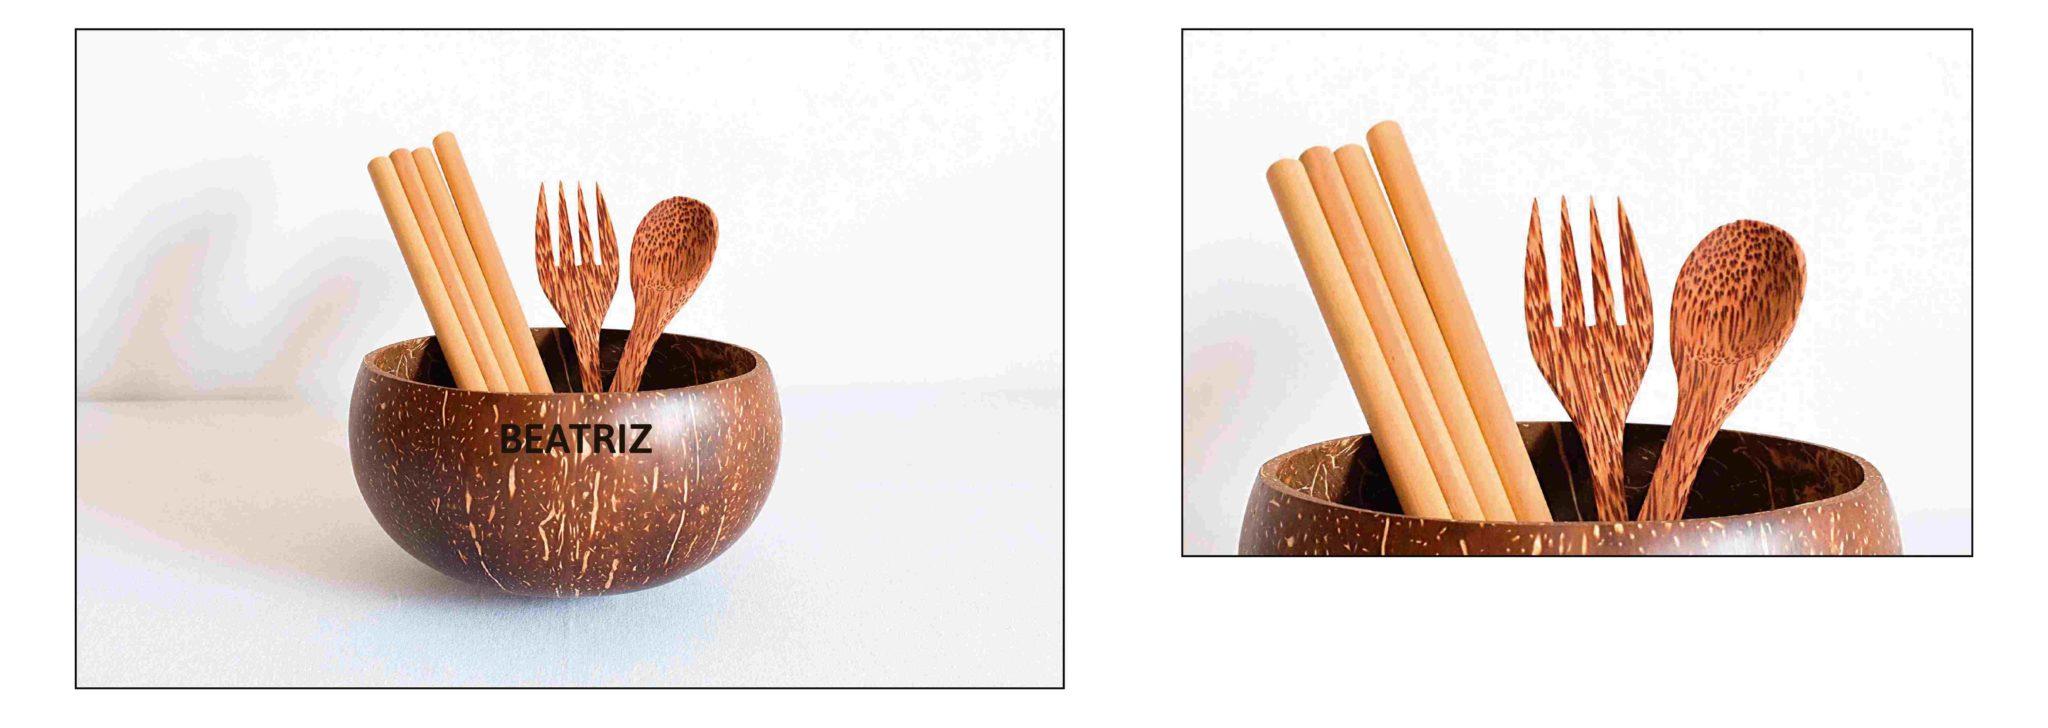 Regalos corporativos personalizados -Pack bowls